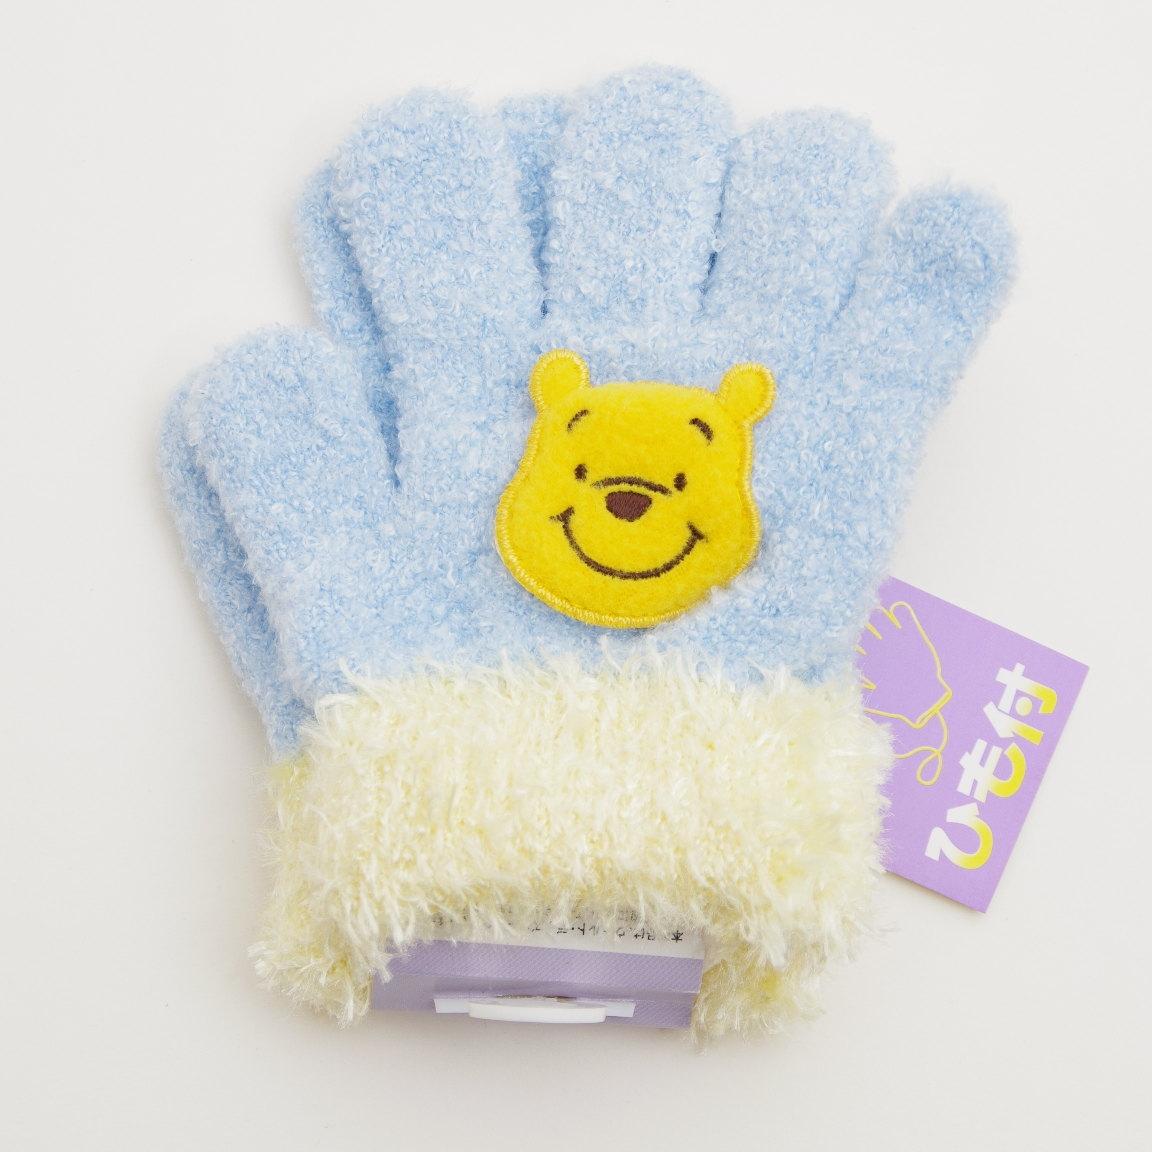 日本製 Disney(ディズニー) プーさん ひも付き手袋 のびのび五指タイプ 13cm 日本製 (J151101-5)